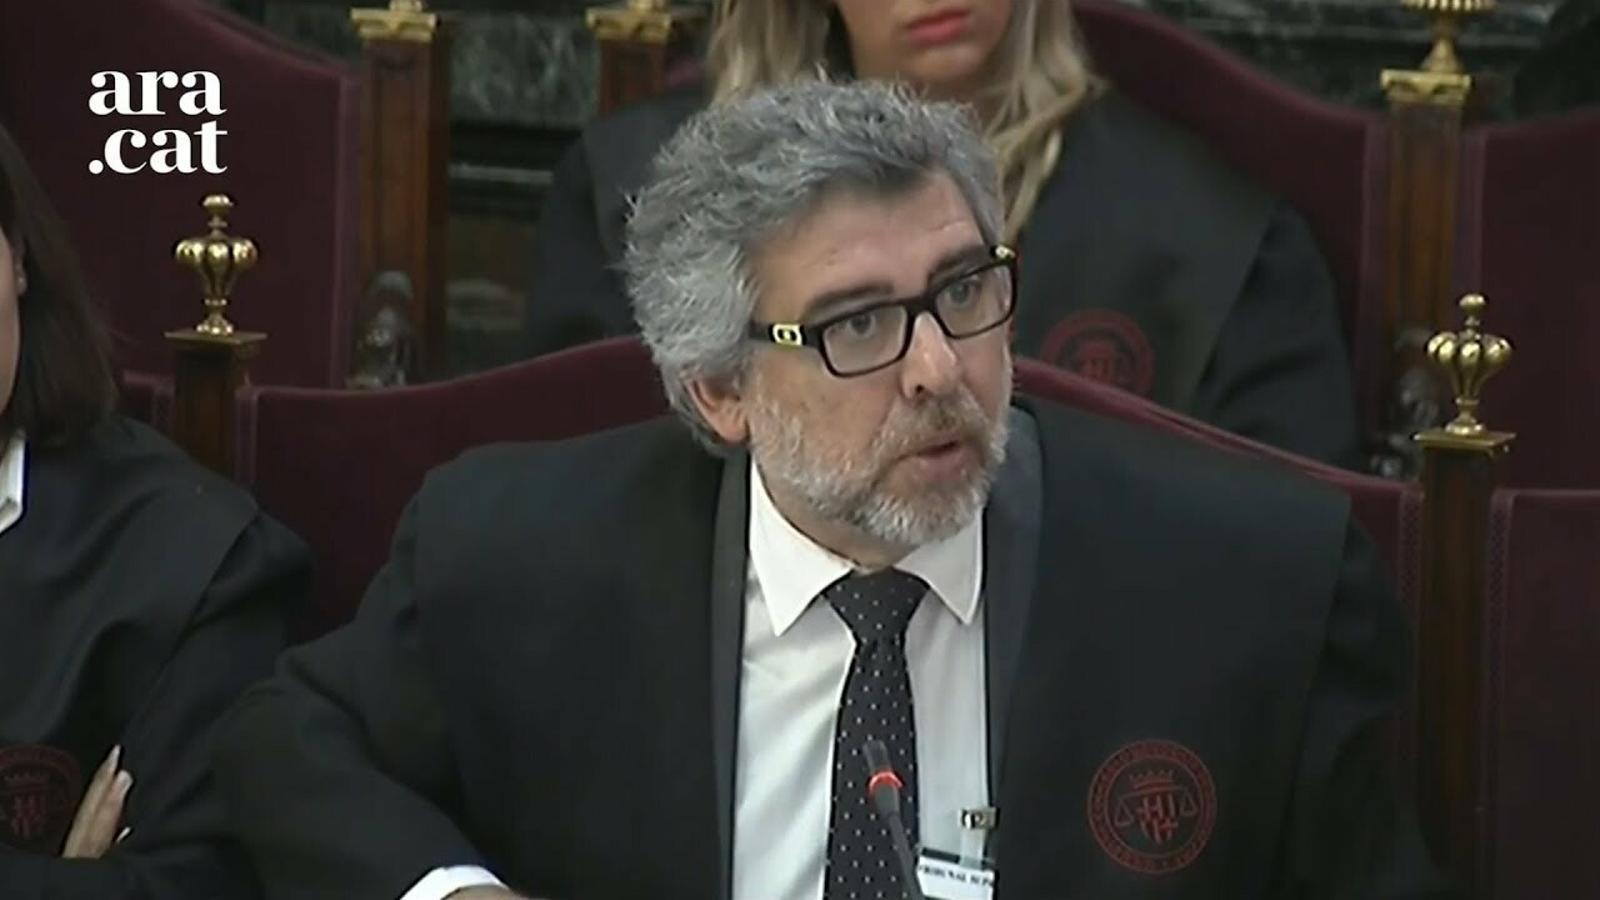 """Jordi Pina: """"Potser Sànchez va ser altiu, però quin és el tipus penal per ser borde?"""""""